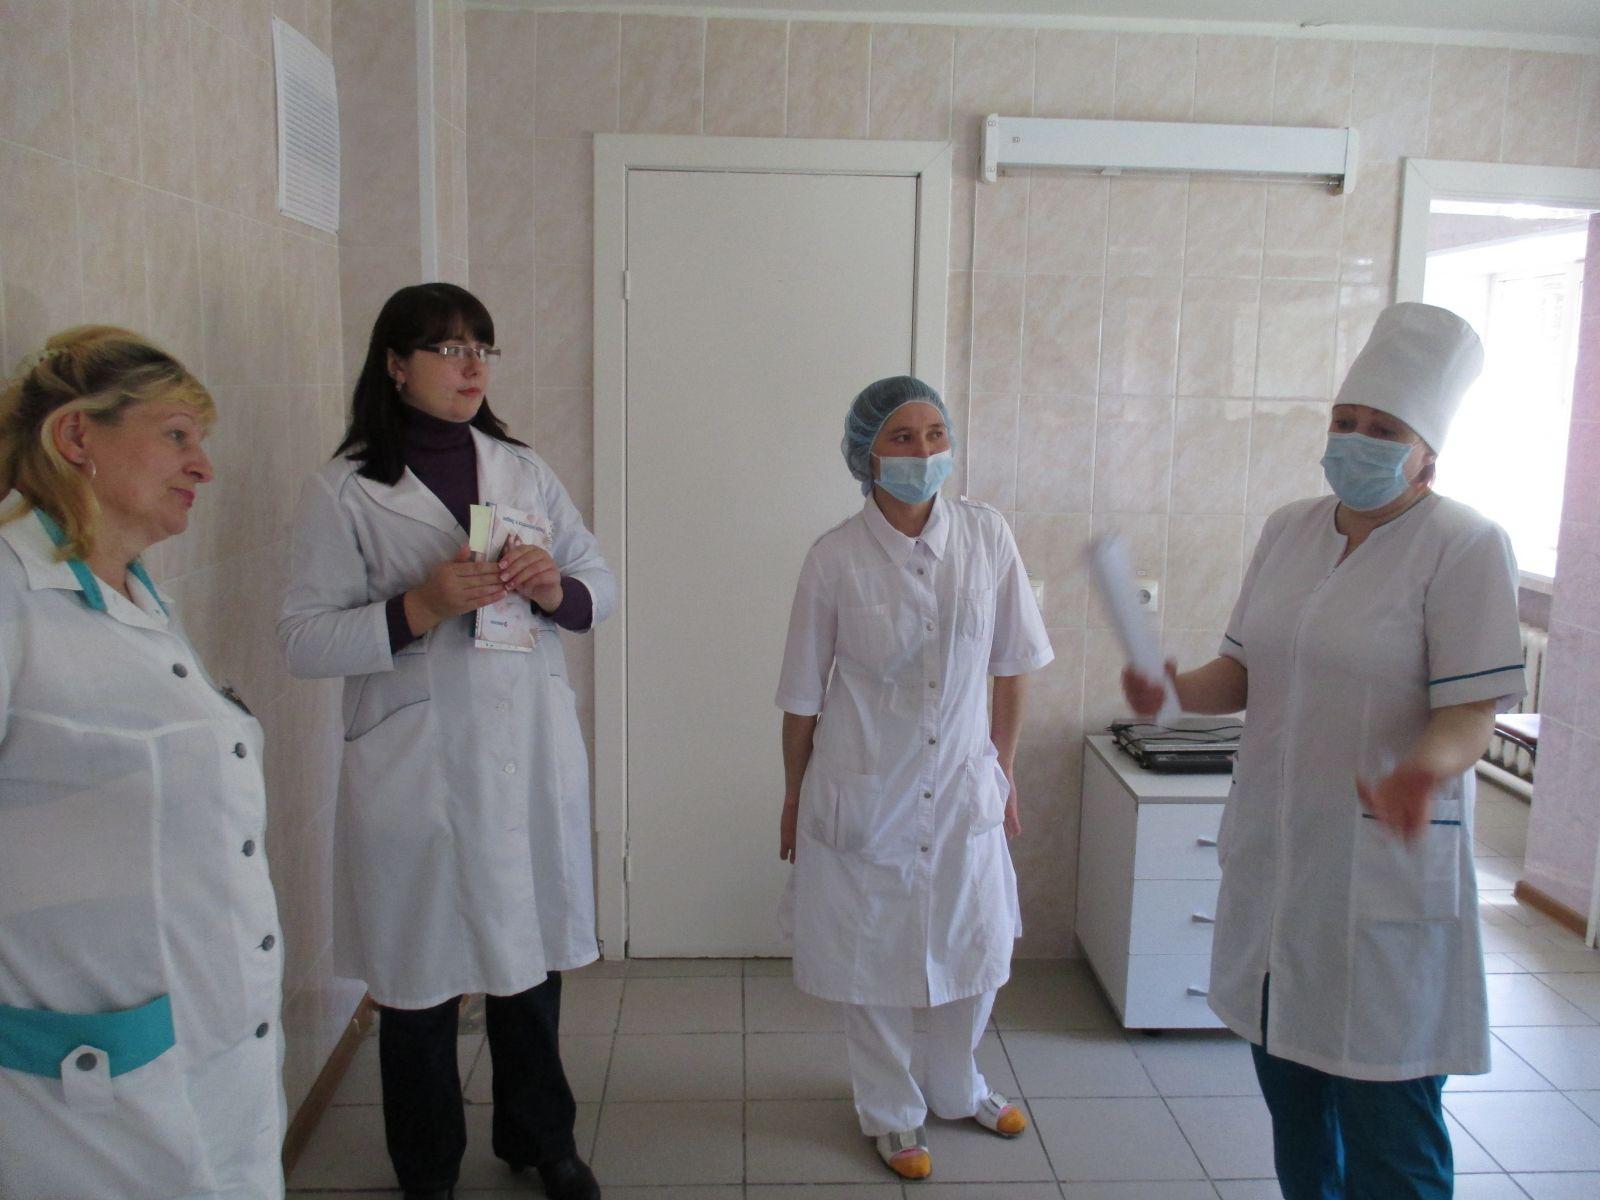 Медицинские манипуляции в приемном отделении закупка лома в Поварово